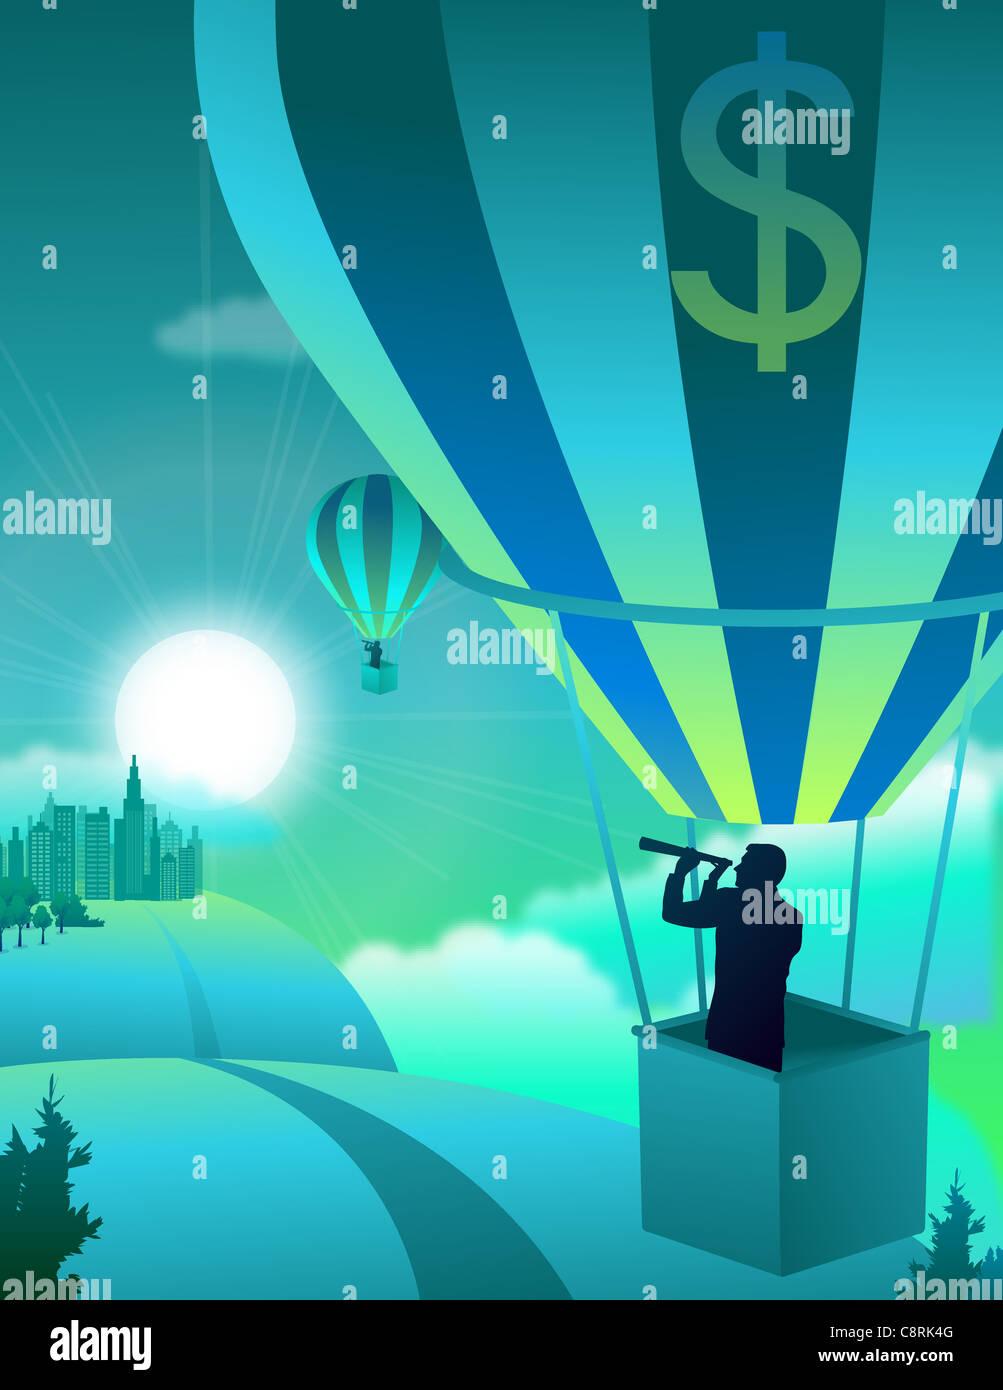 Illustrazione dell'uomo con telescopio in paracadute Immagini Stock